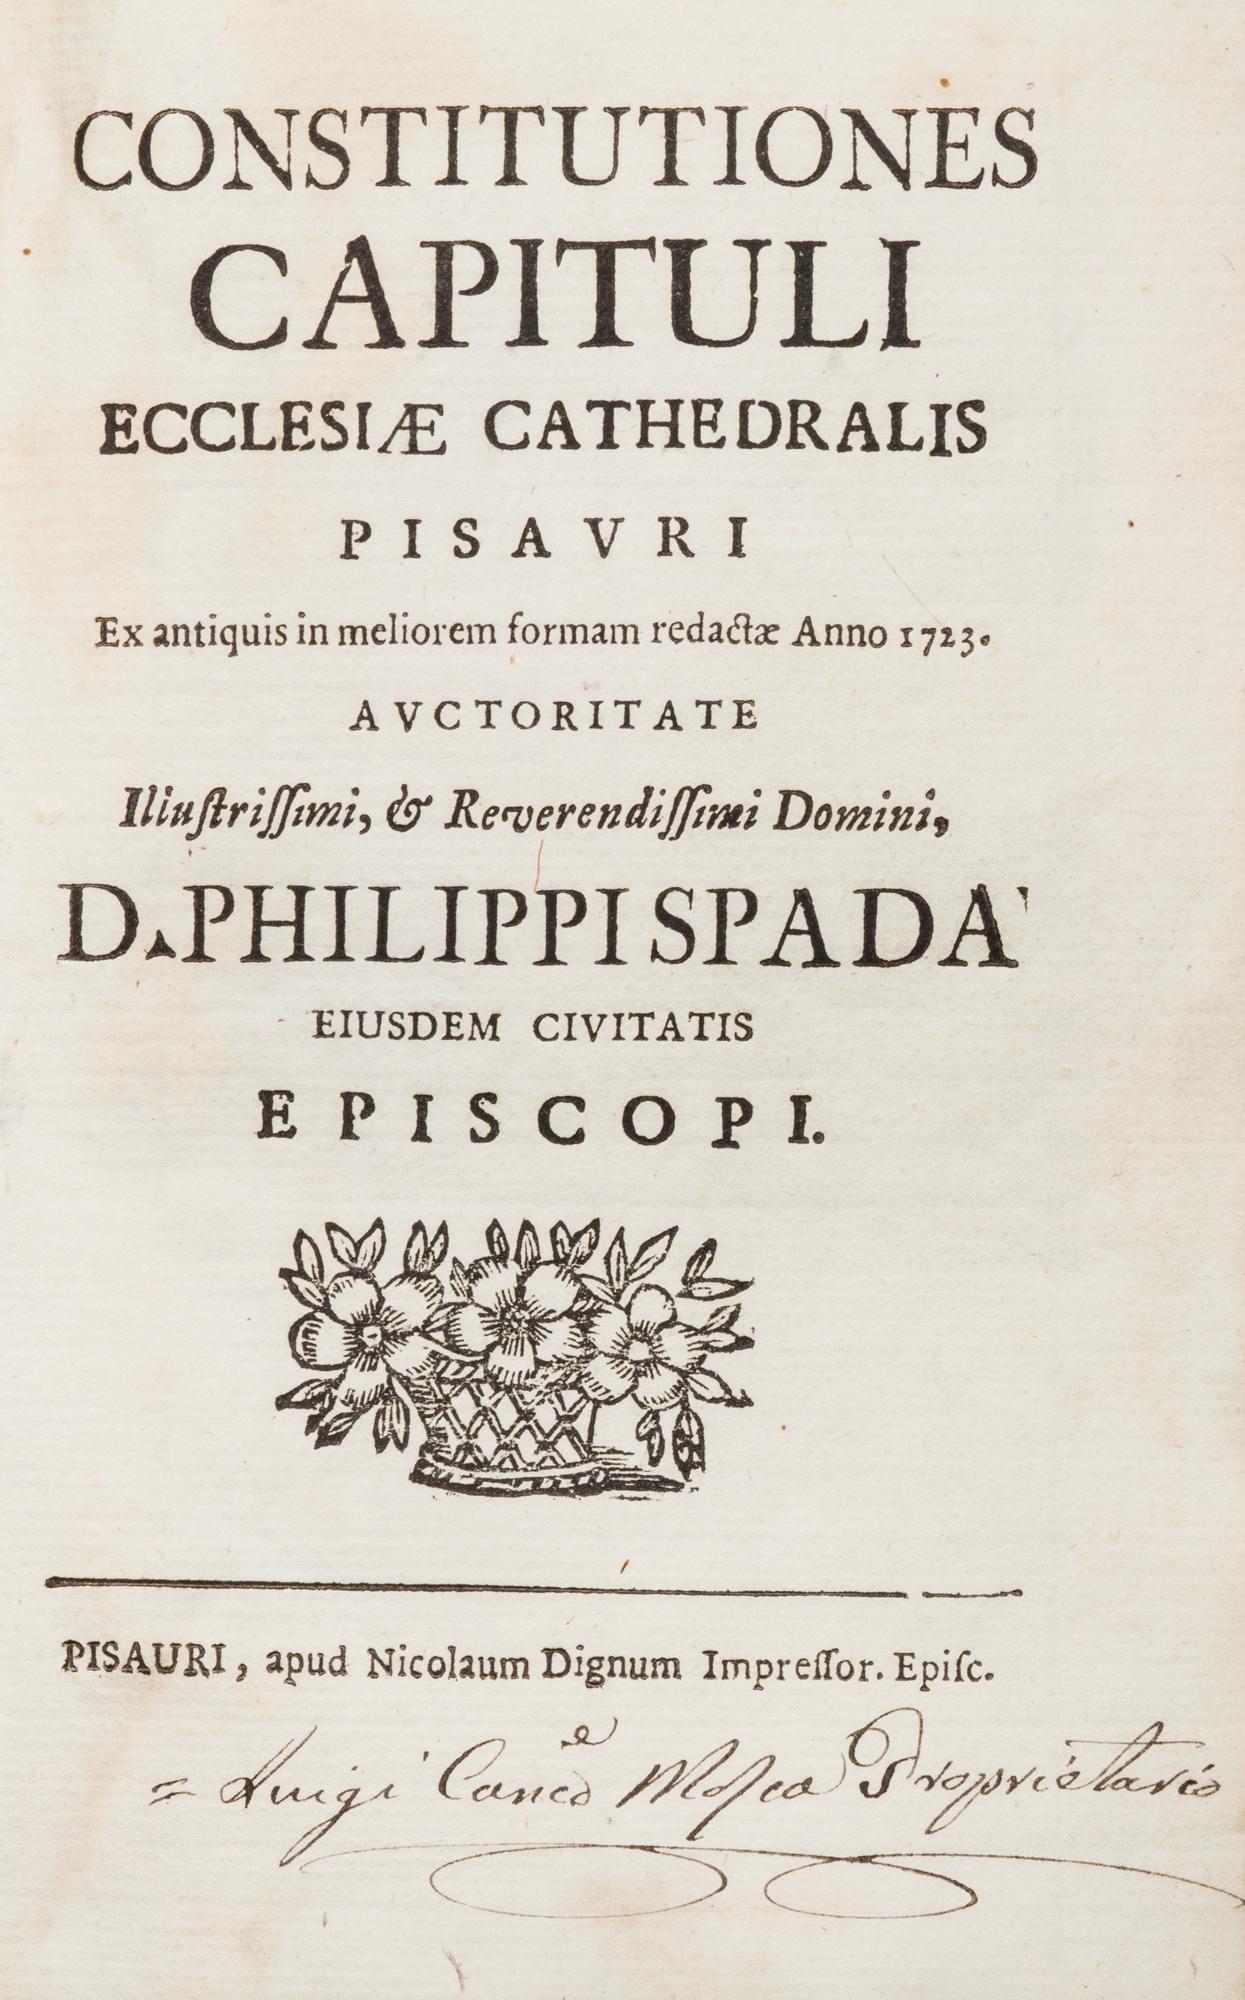 Constitutiones capituli ecclesiae cathedrals Pisauri ex antiquis in meliorem formam redactae anno 1723